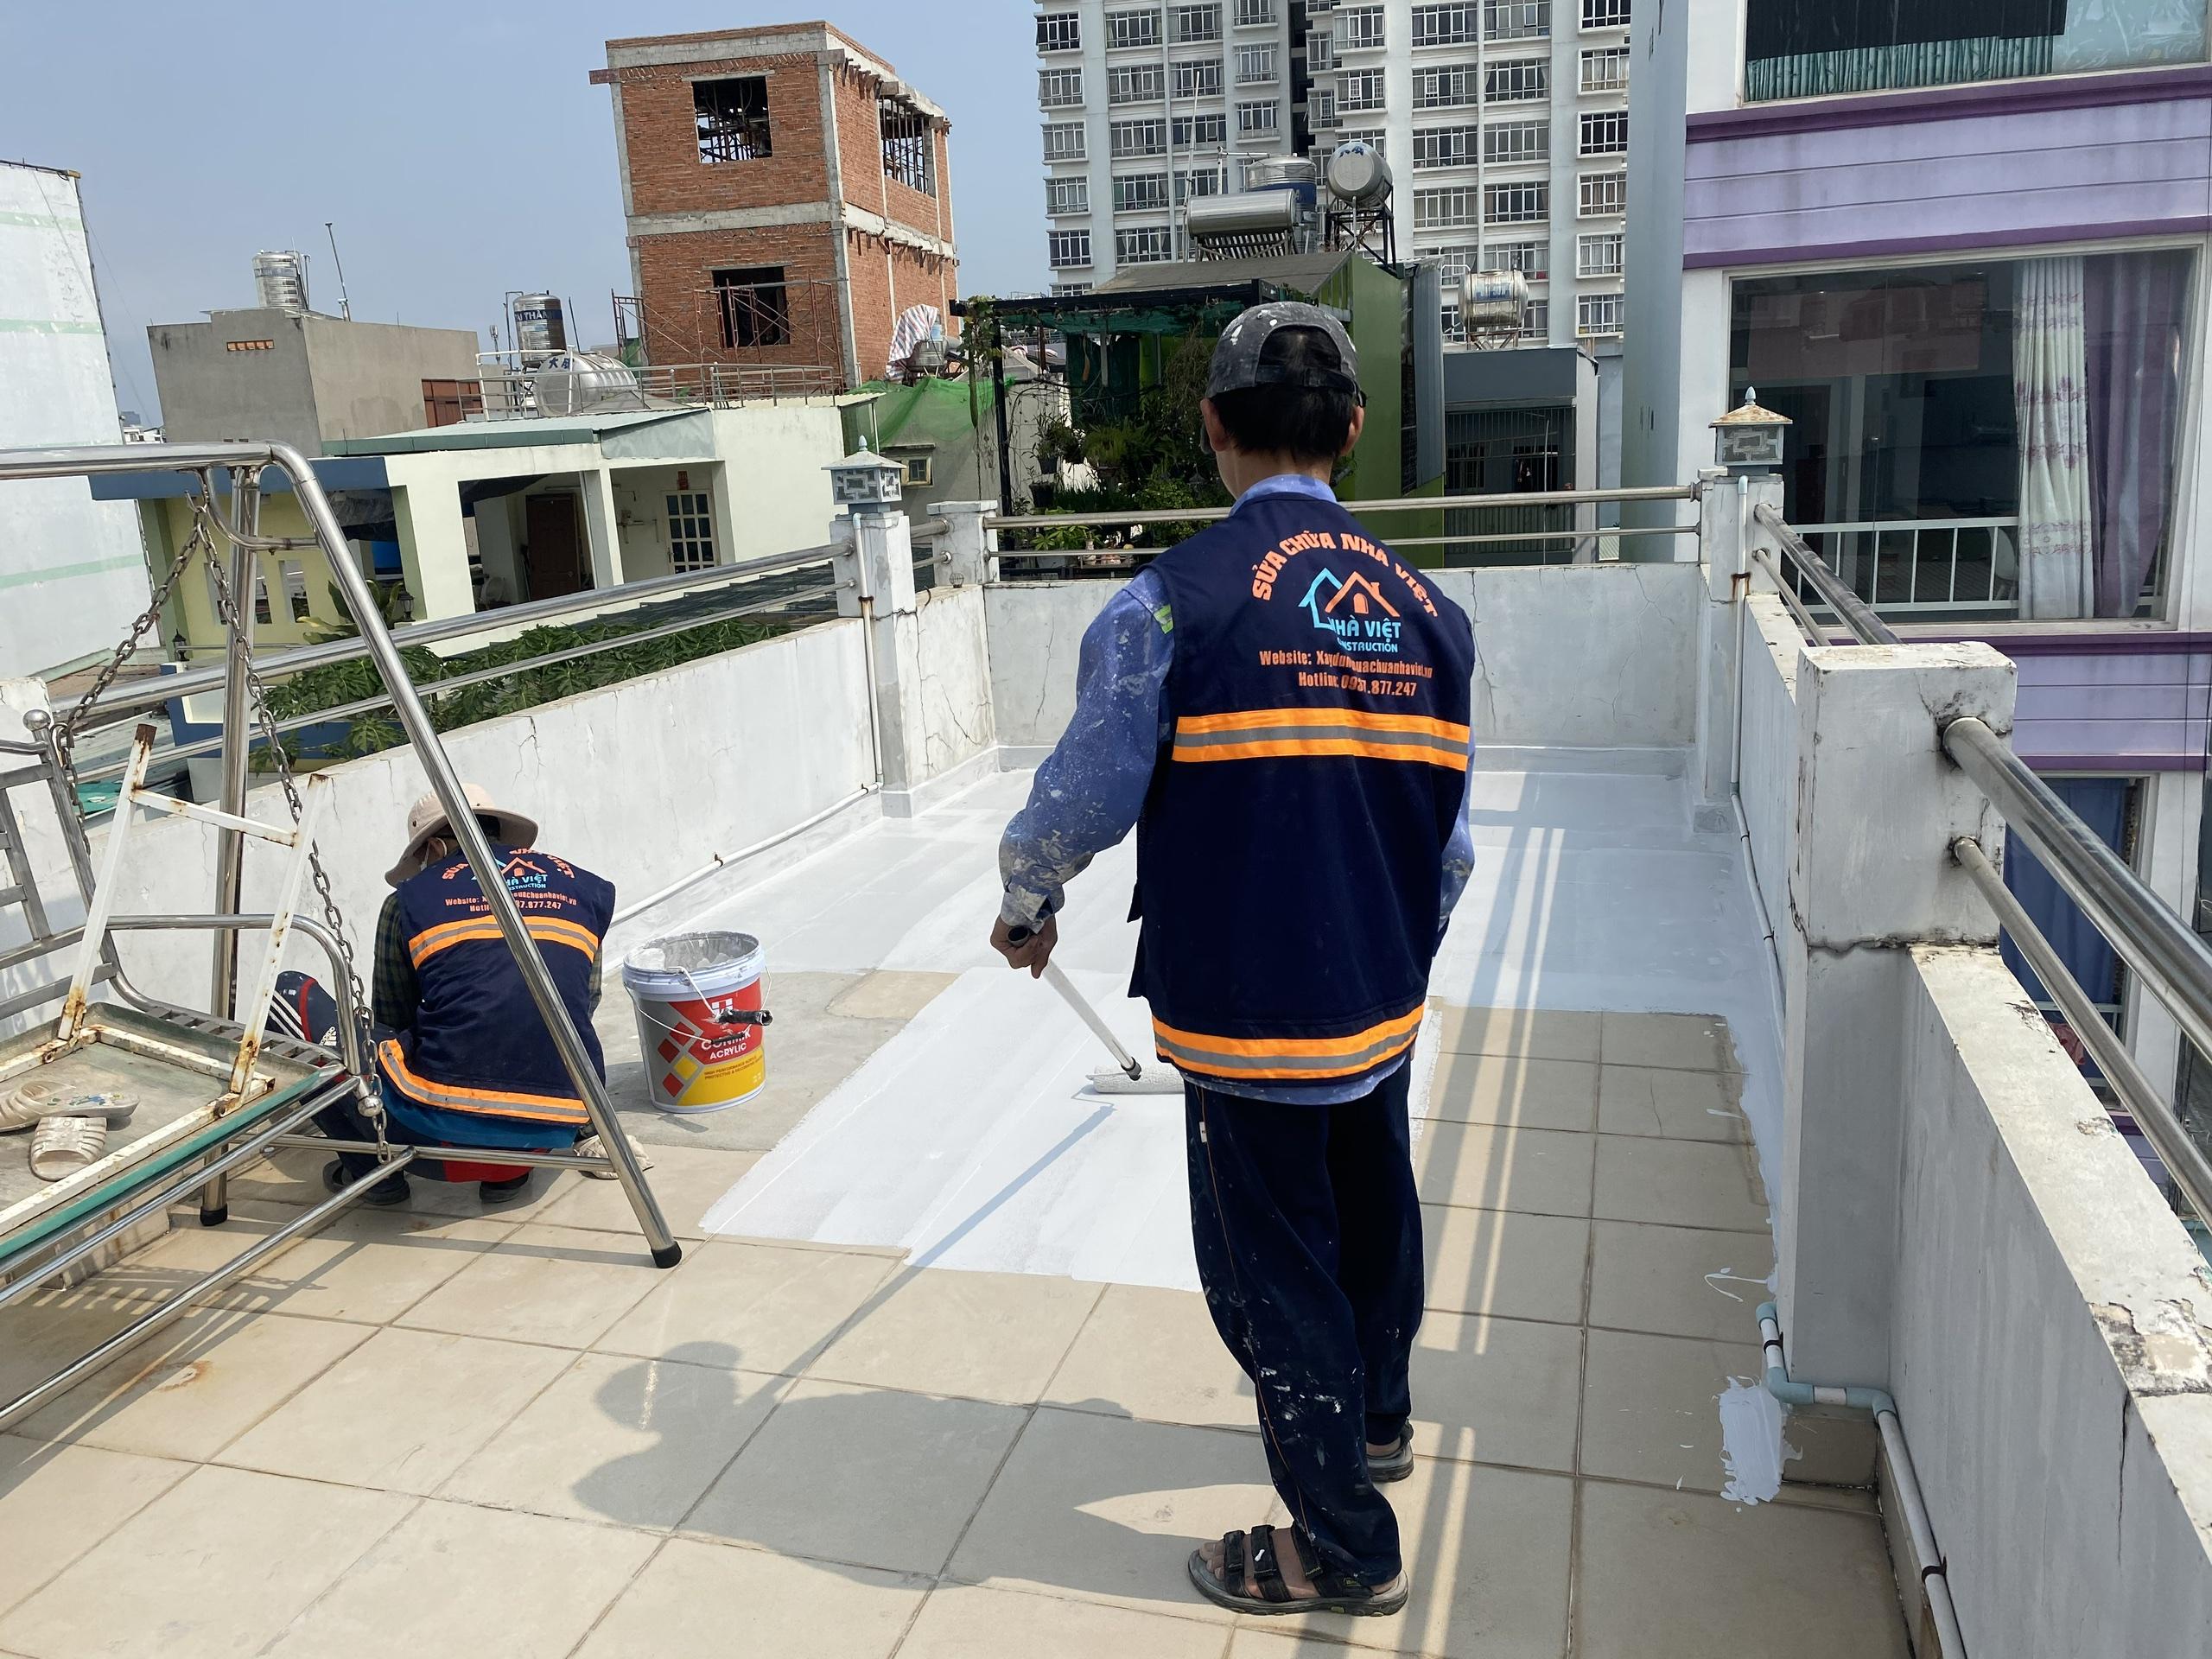 chong tham san thuong de trong cay 2 - Chống thấm sân thượng để trồng cây giá rẻ - uy tín tại TPHCM